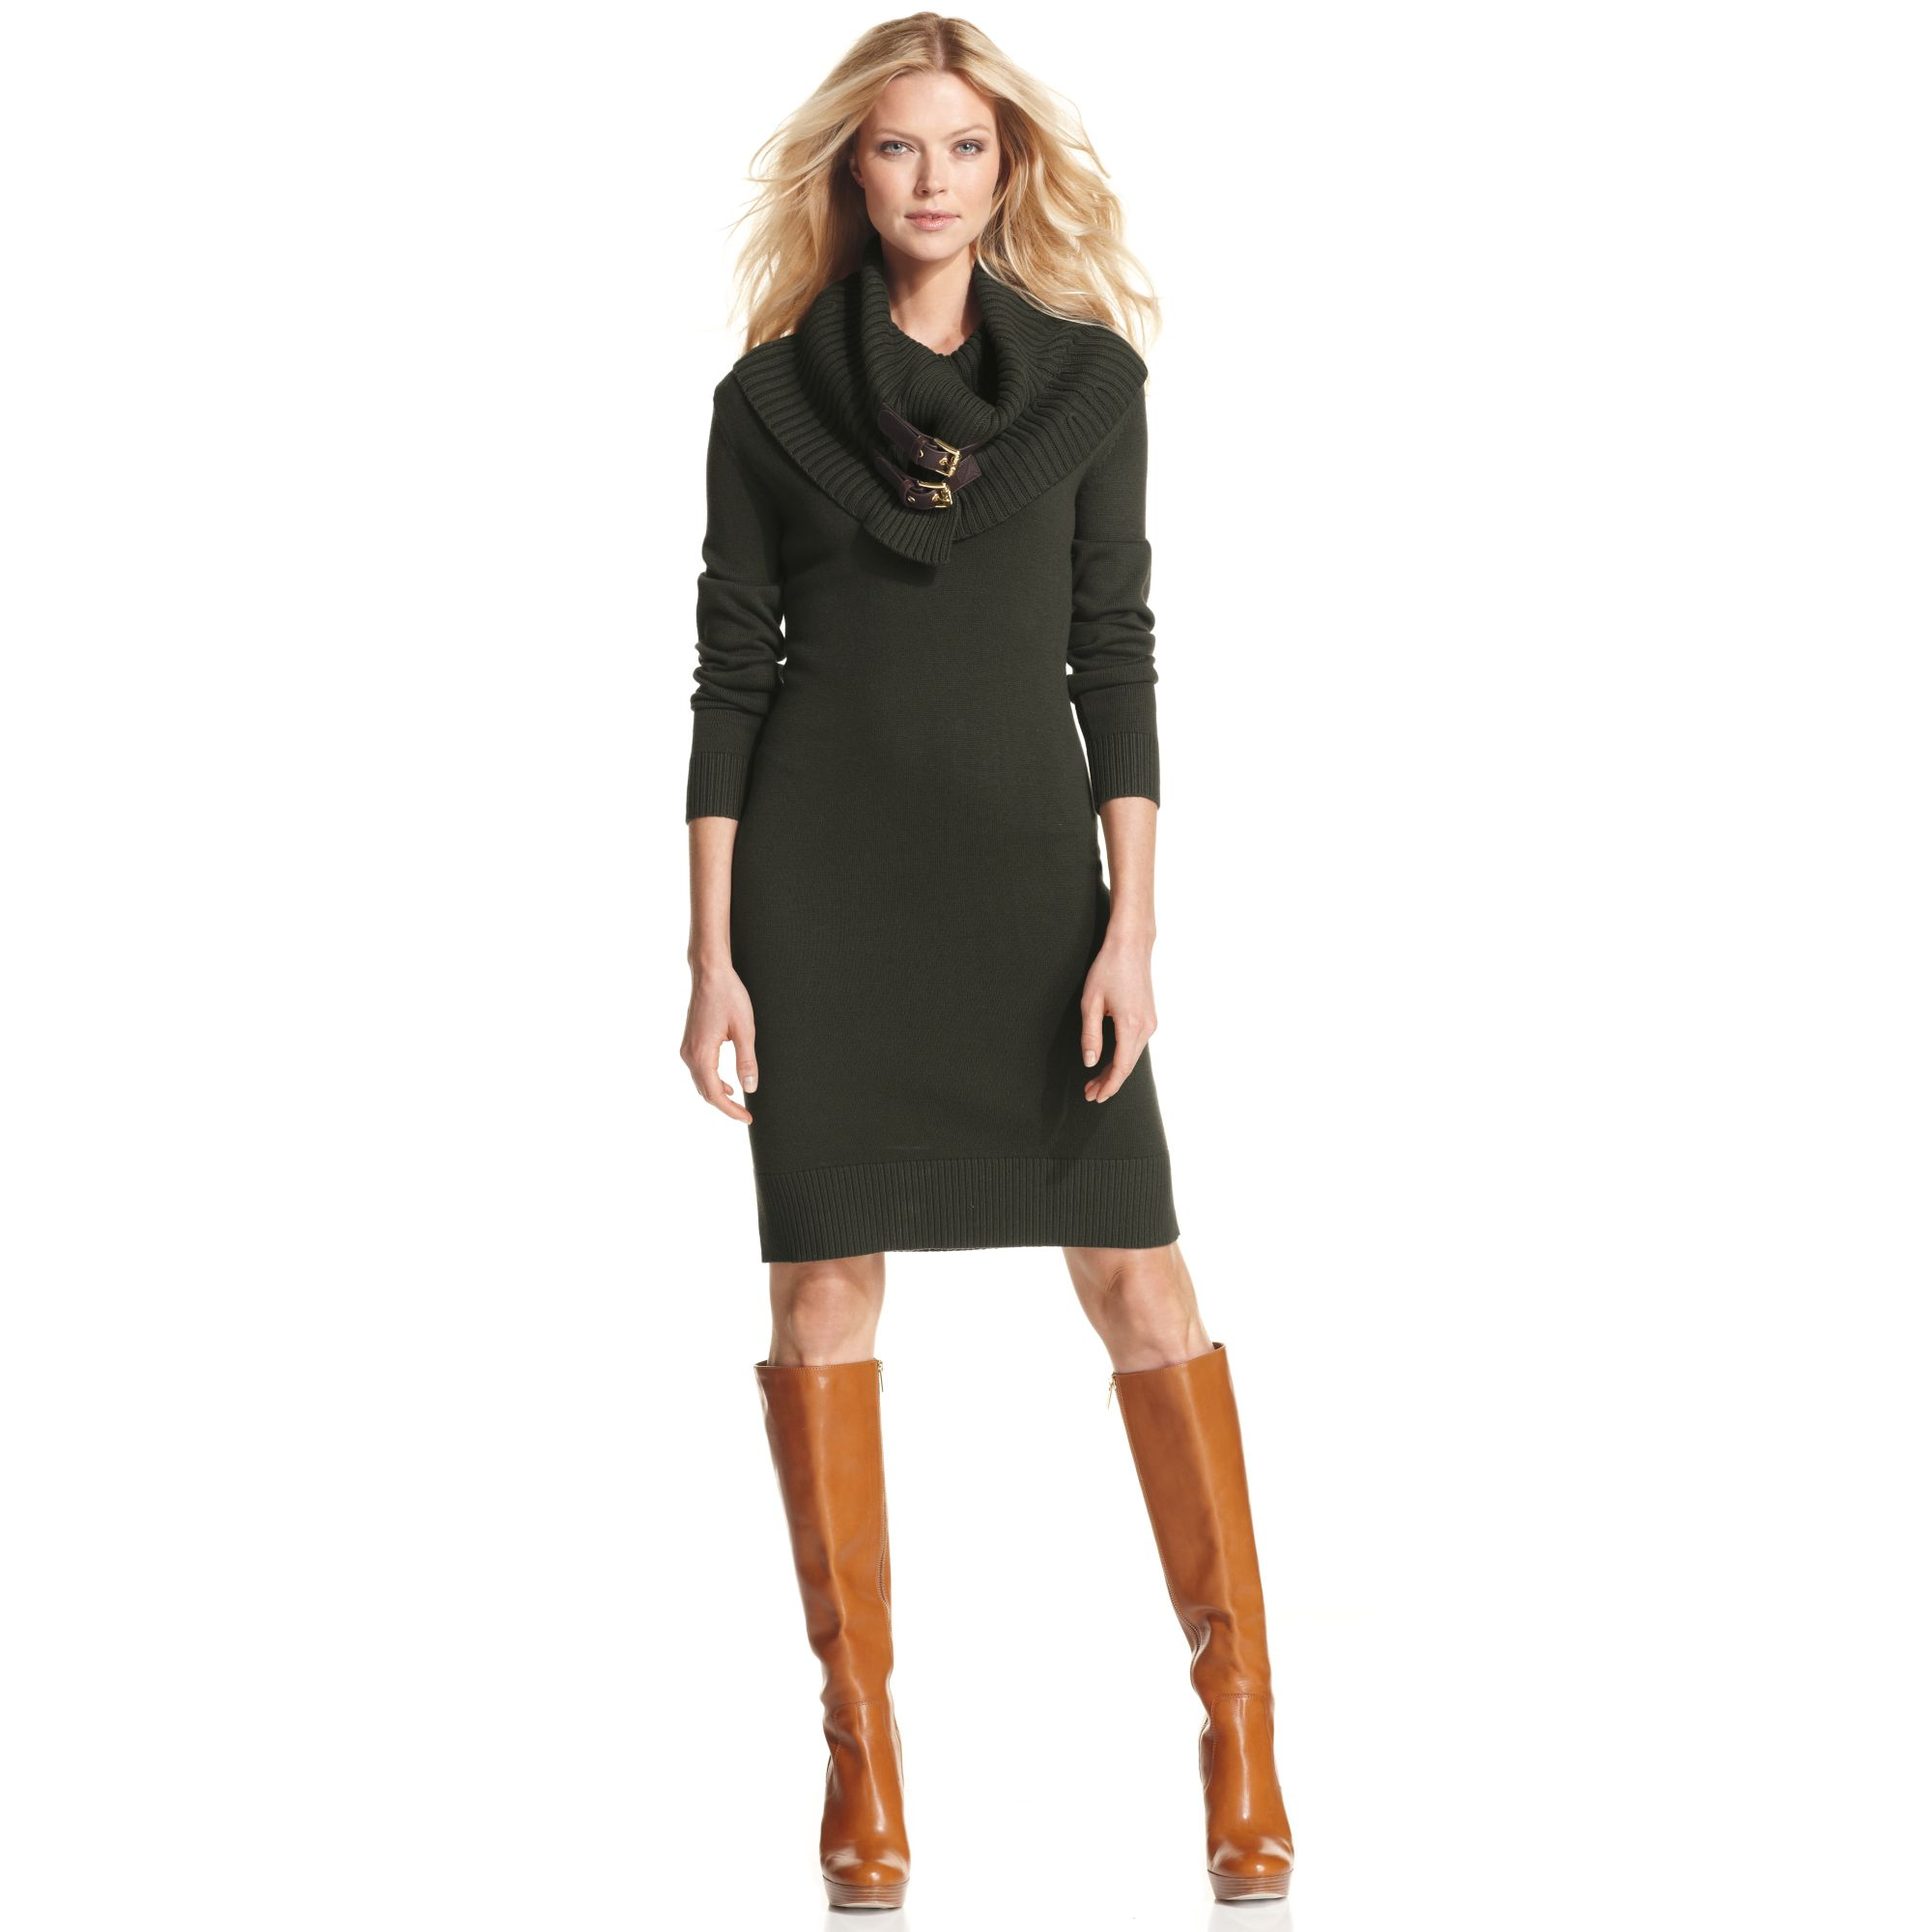 5148fbd352e3 Michael Kors Longsleeve Cowlneck Buckle Sweater Dress in Green - Lyst